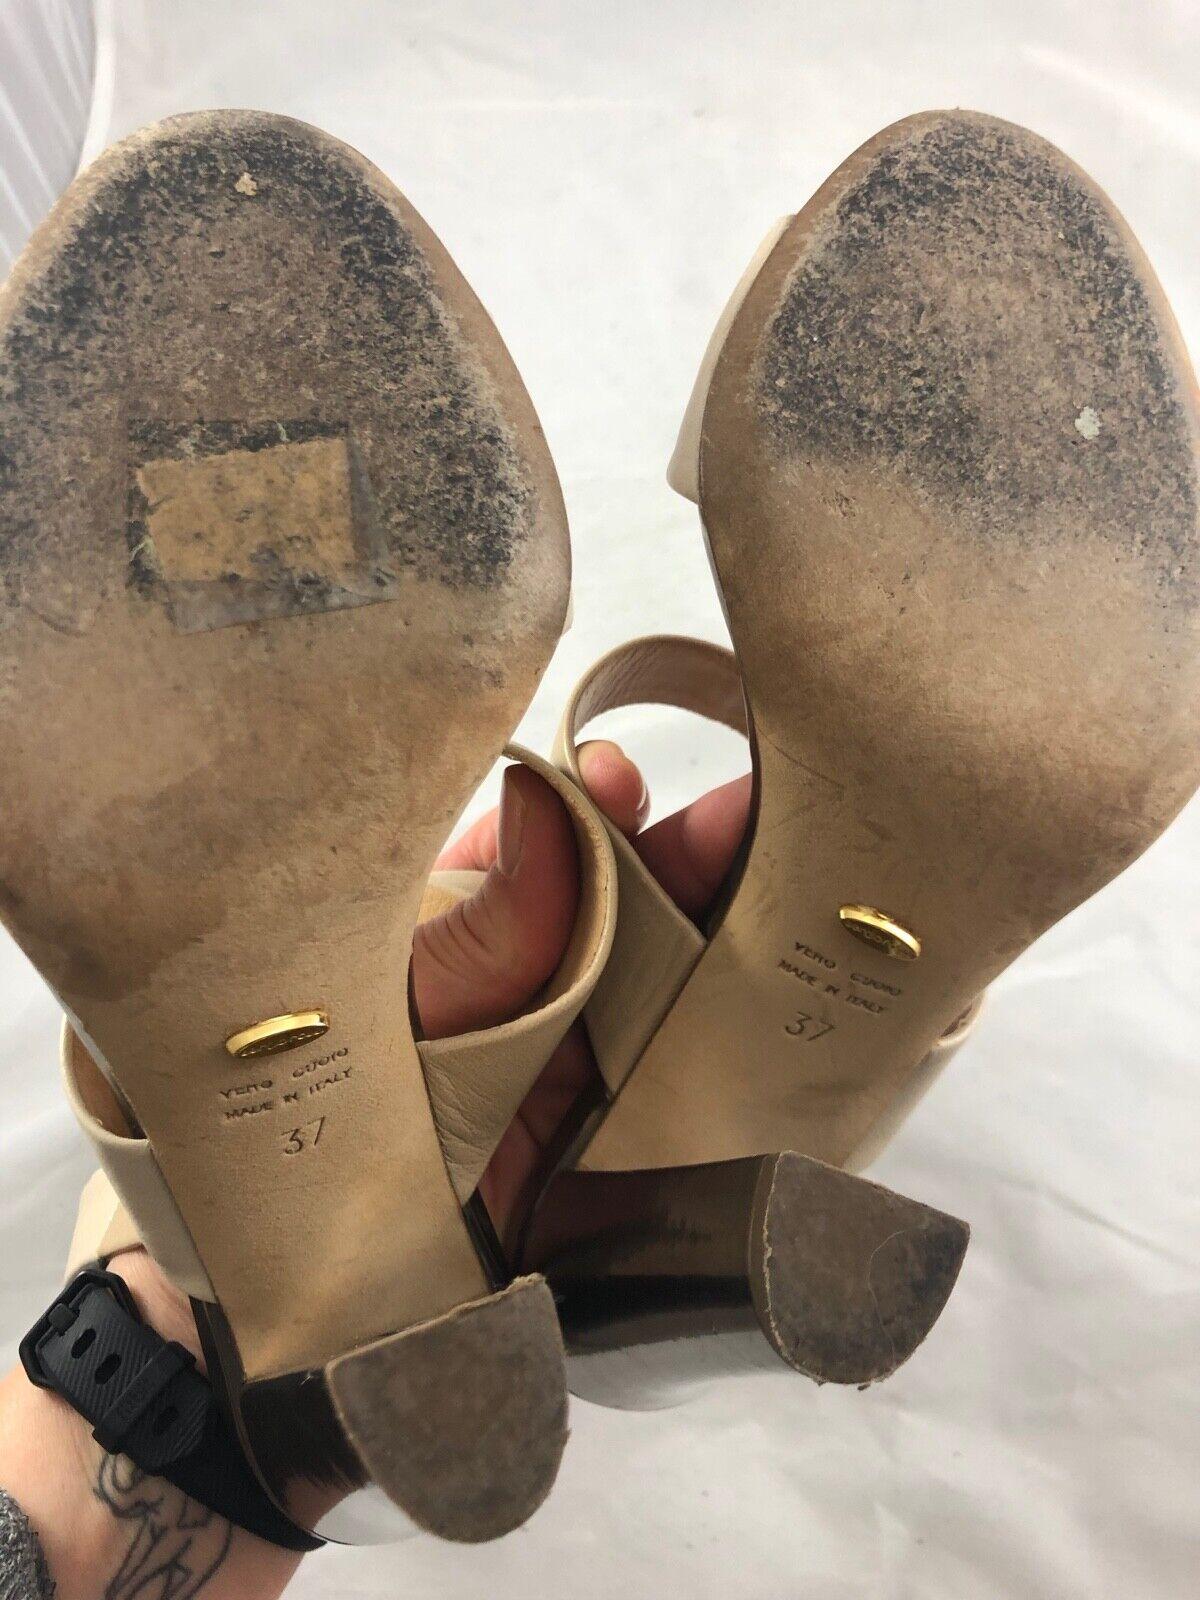 Sergio Sergio Sergio Rossi Dos Tonos De Cuero Sandalia Envoltura de tobillo en Bronceado Desnudo Talla 37 9ea0bf